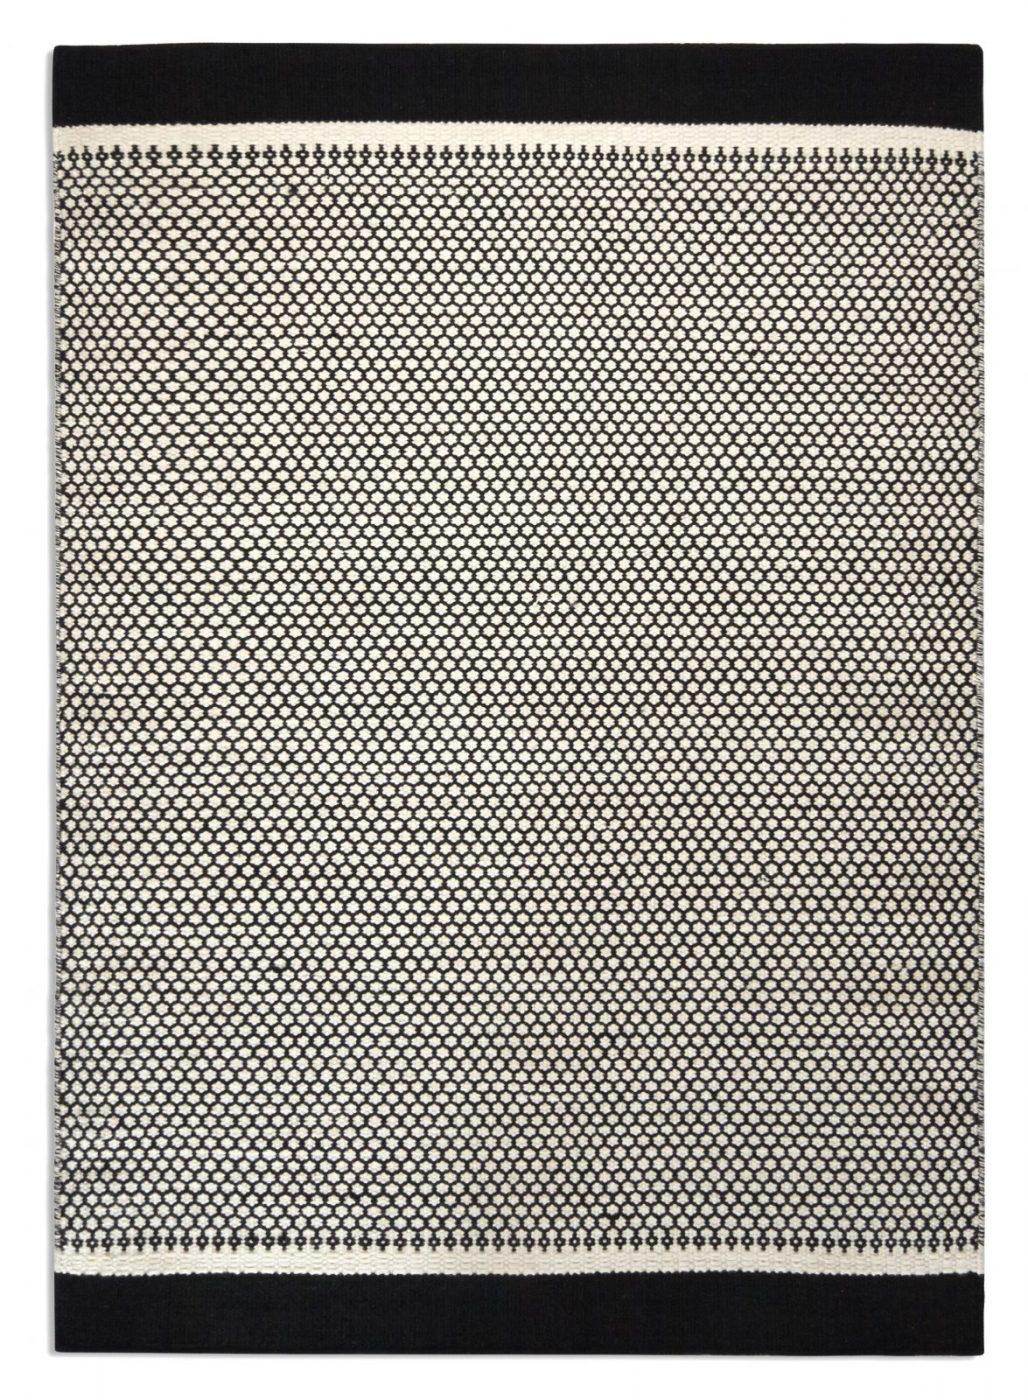 Belle bel04 plantation rug company best at flooring for Belle flooring